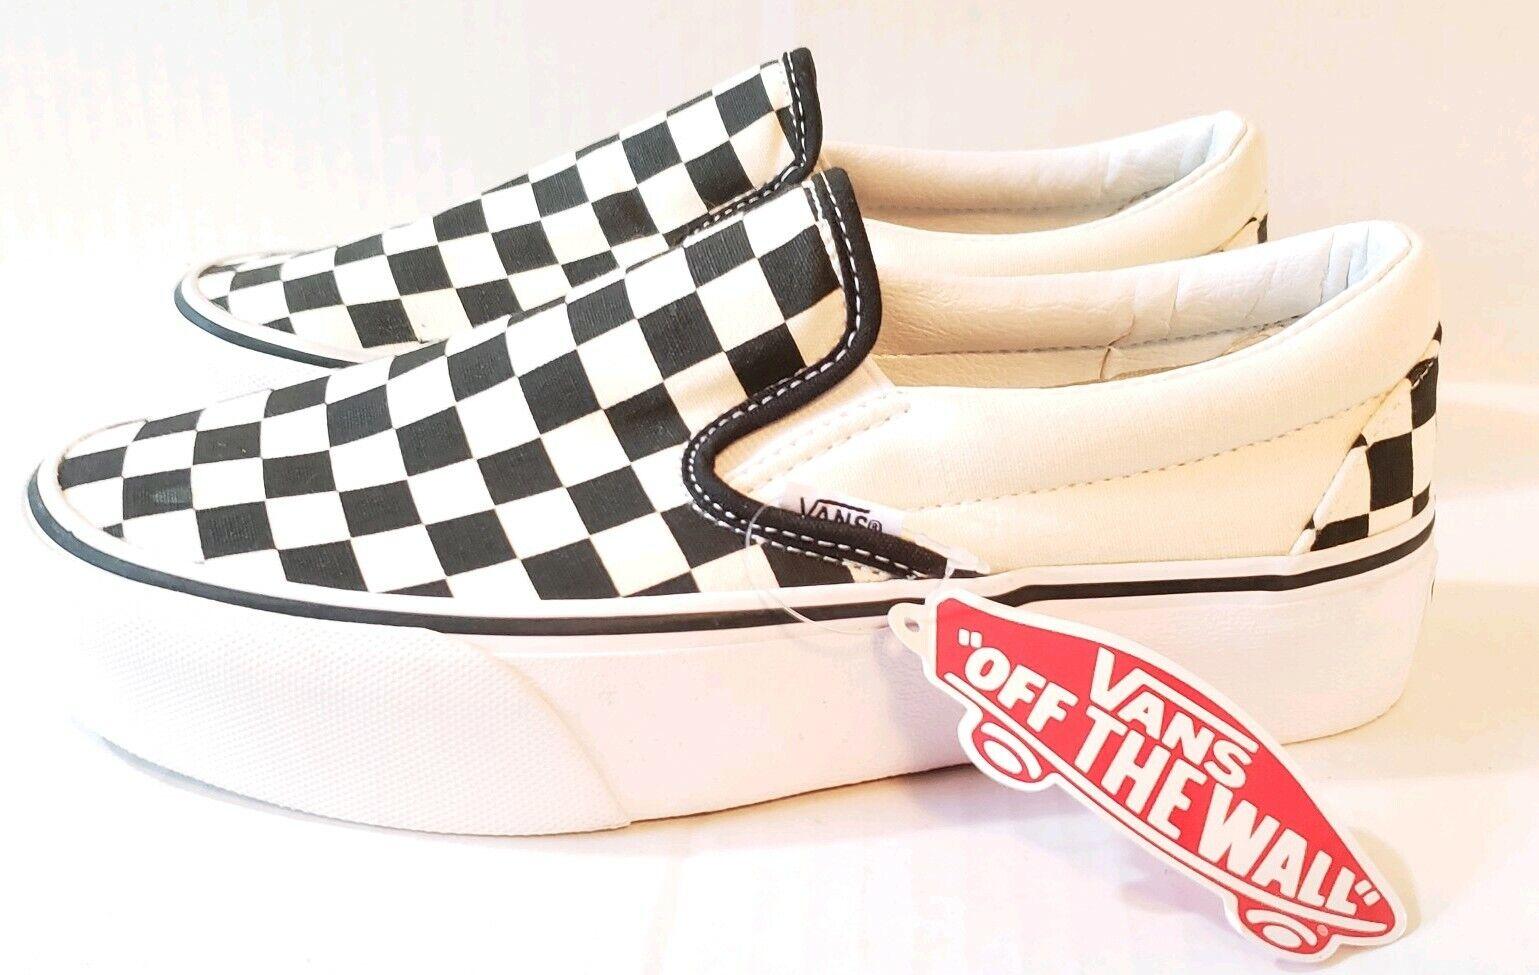 Vans Clásico Slip On Tablero De Damas Plataforma blancoo Negro para Hombre 5.5 Zapatos para mujer 7.0